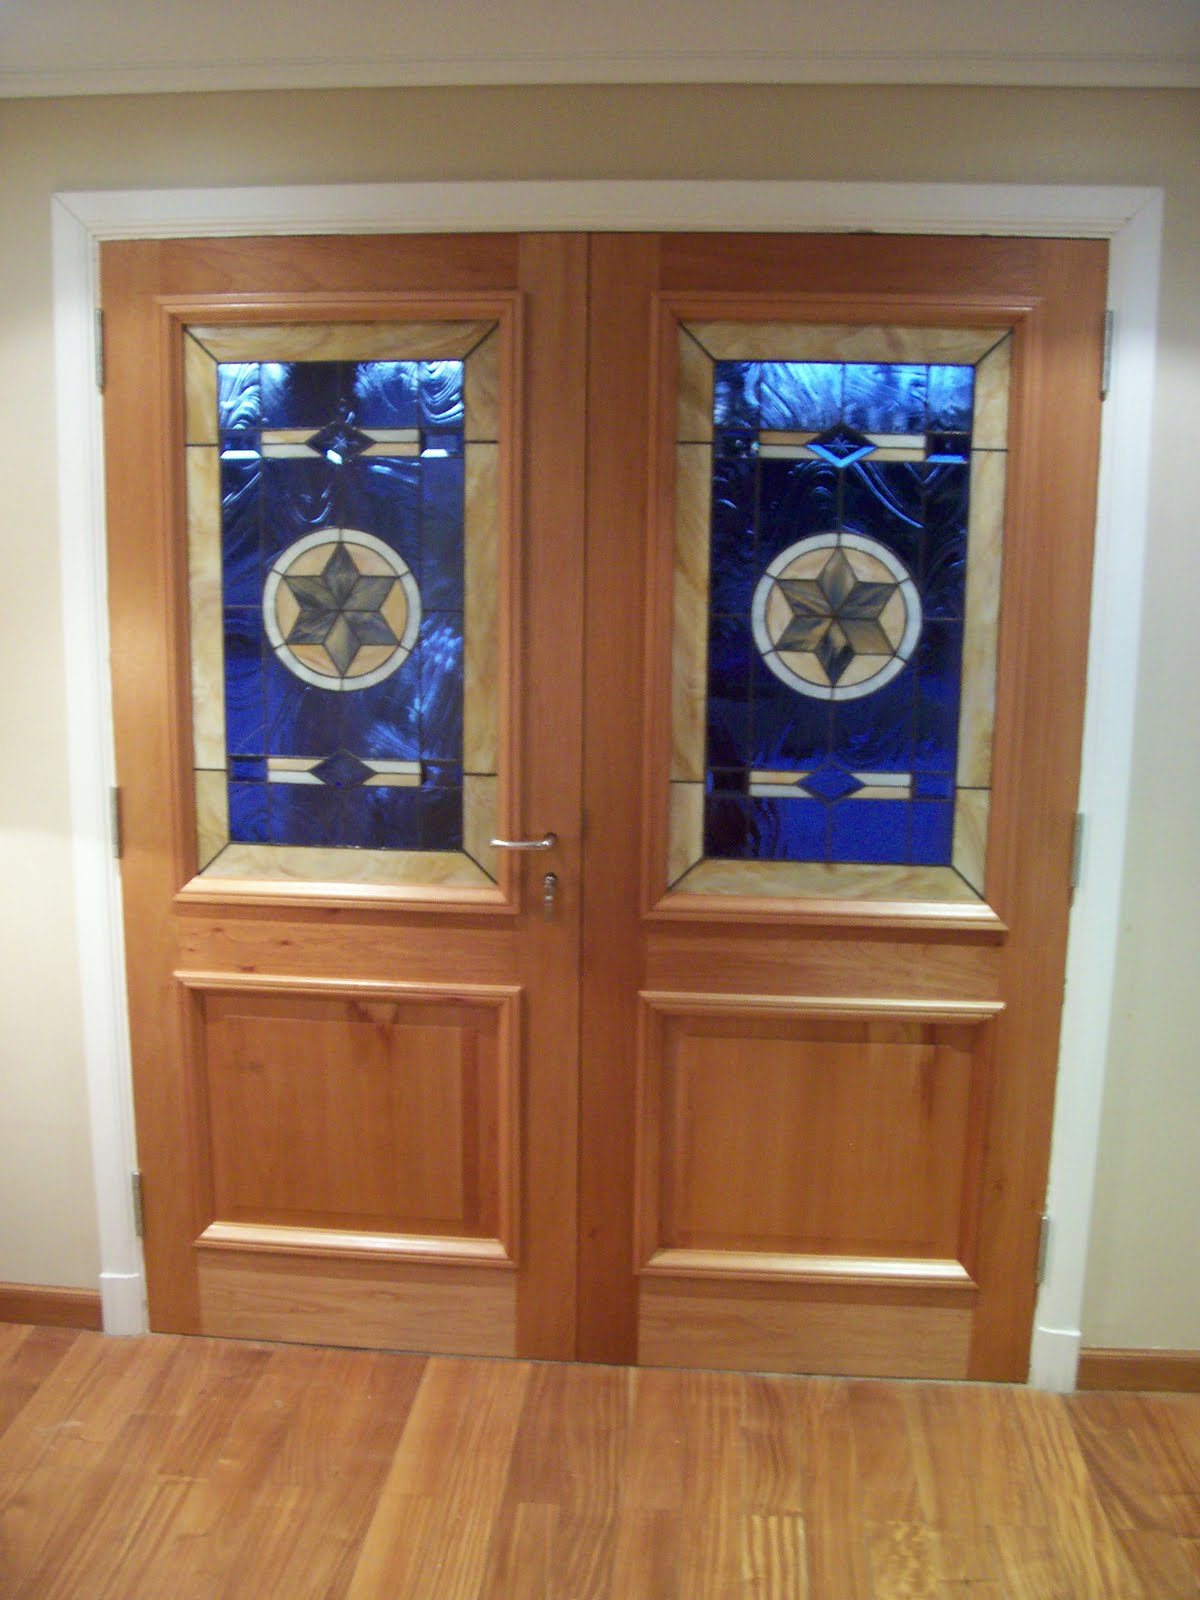 Guti rrez muebles dise o puerta principal for Muebles torres y gutierrez